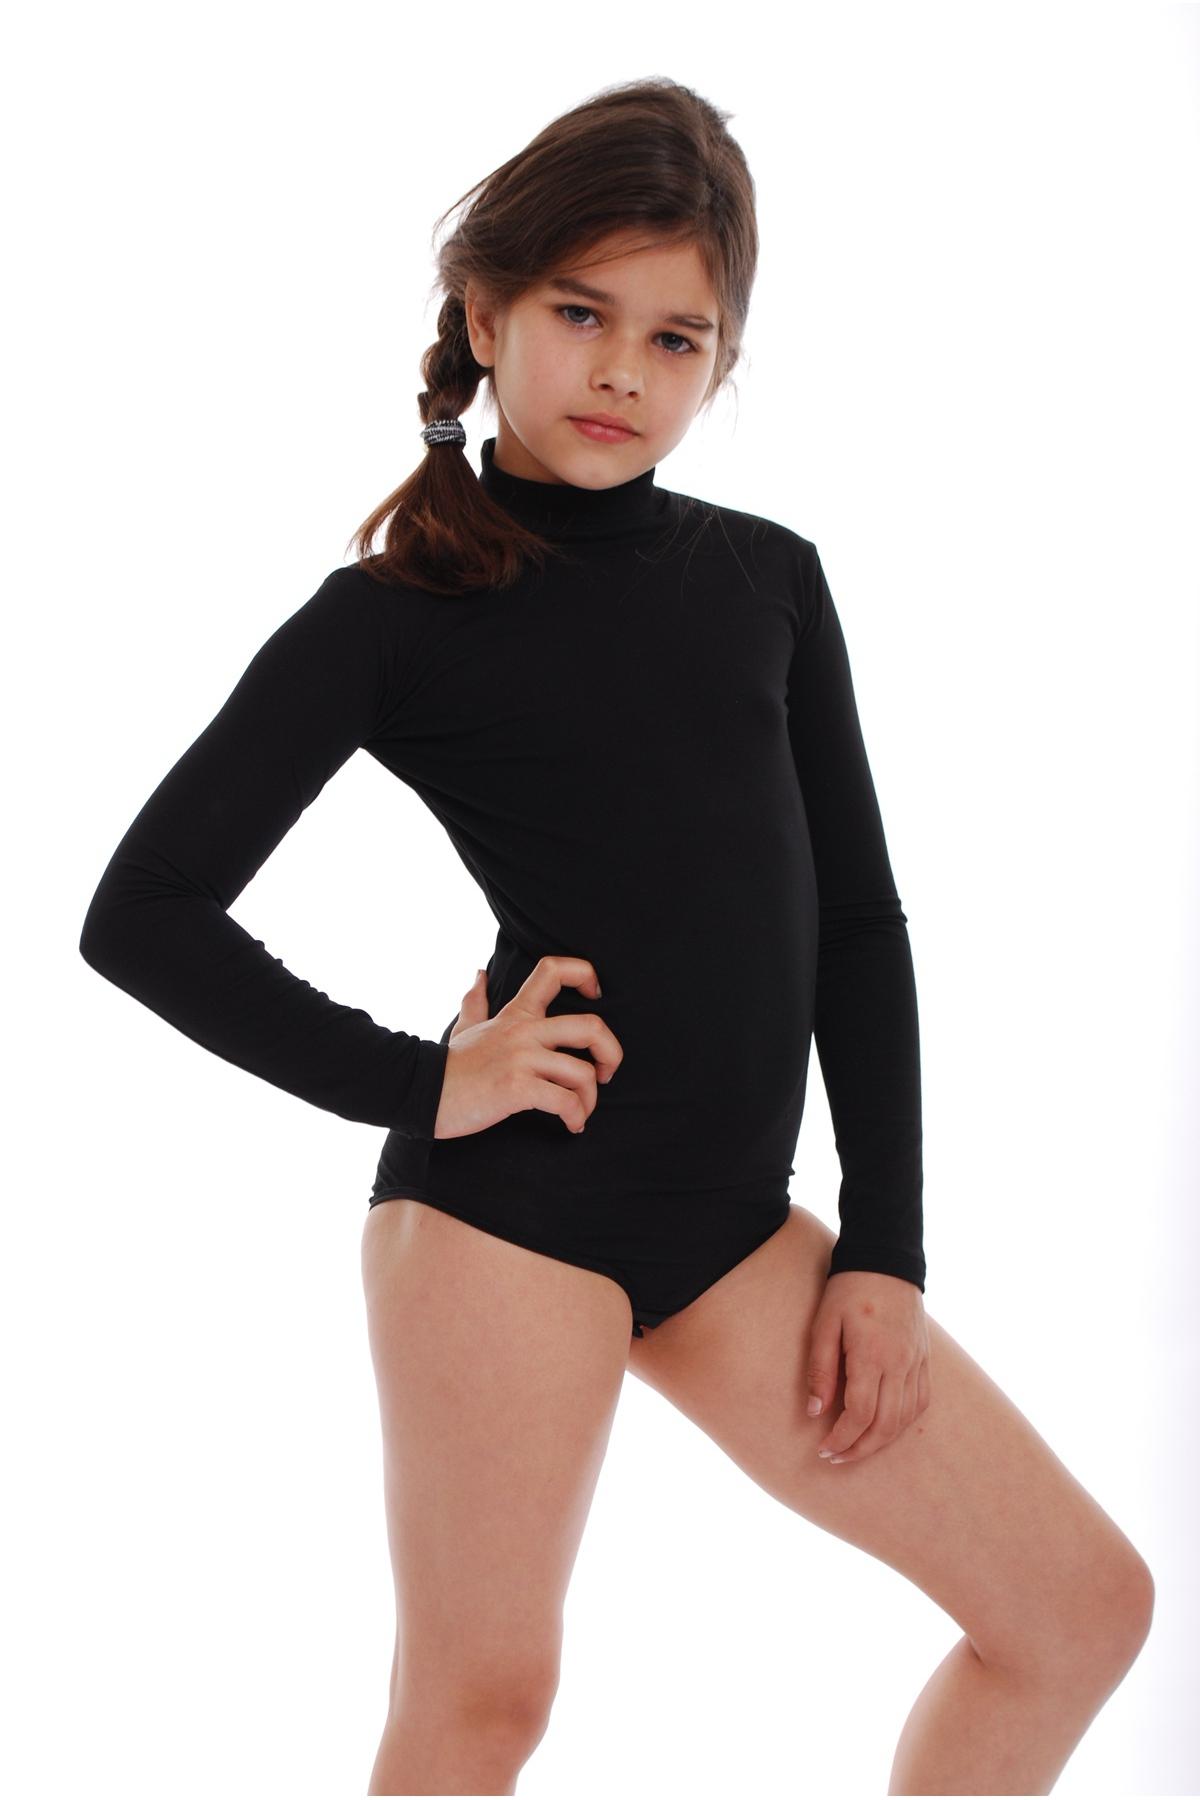 Le Ragazze Manica Lunga V Collo Body Top Bambini Leopardo Stampato Dance Wear Body